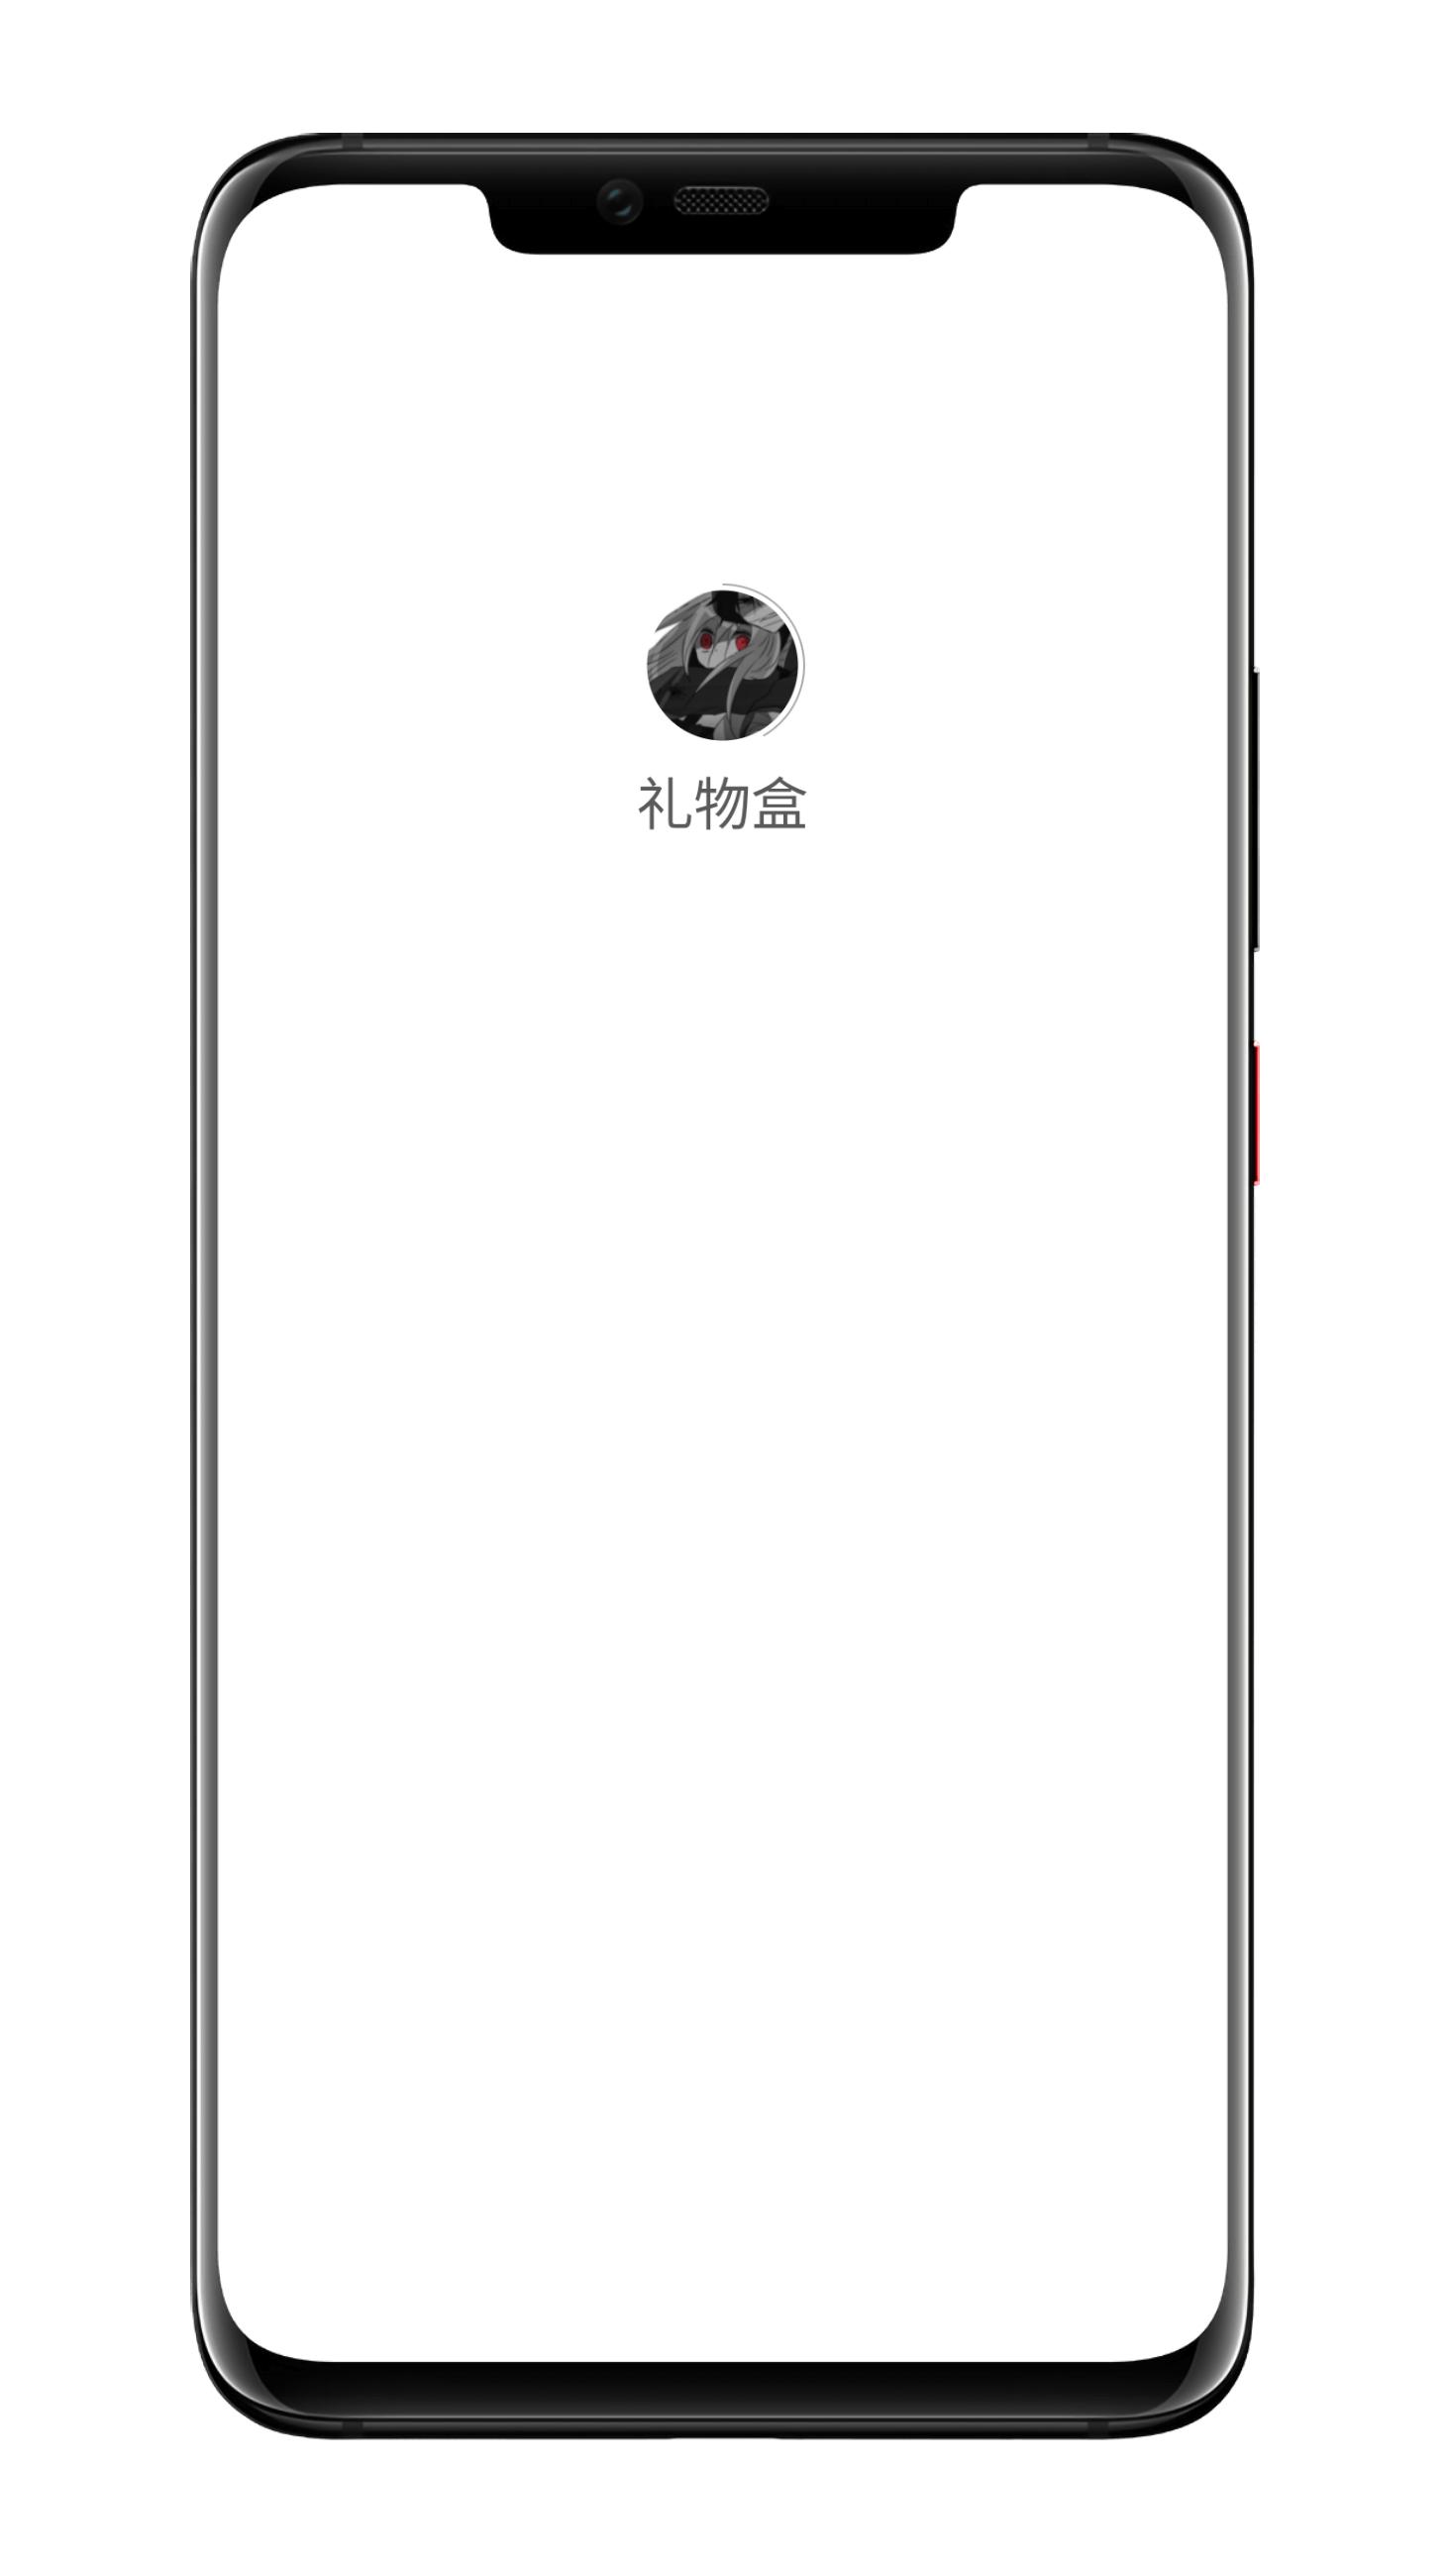 【原创软件】礼物盒_V1.0.0